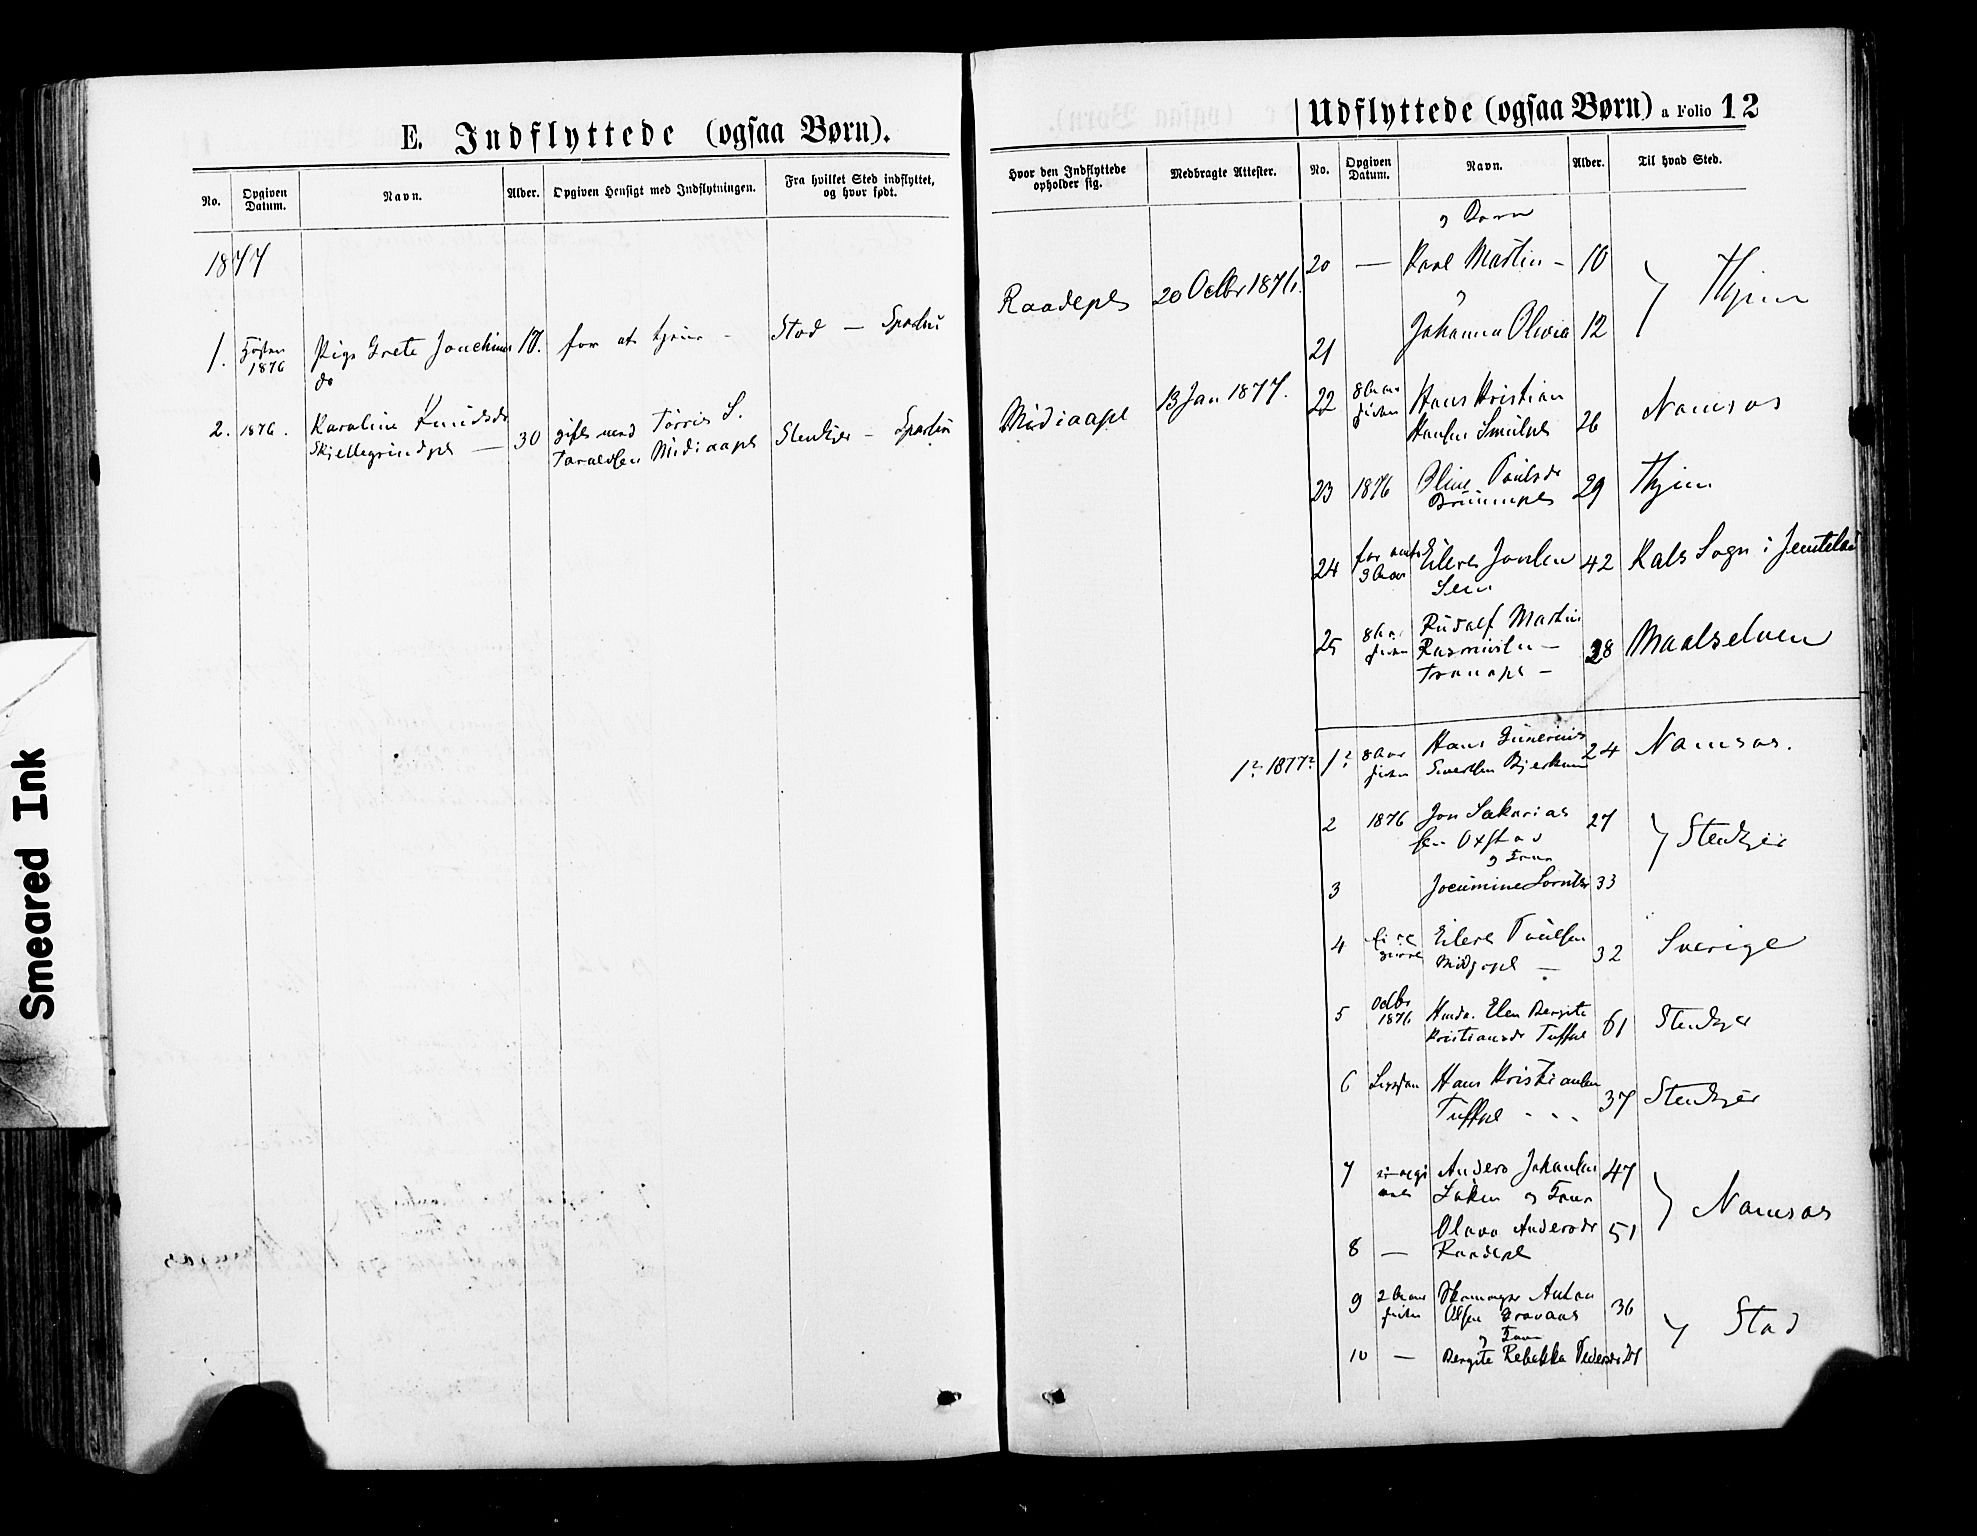 SAT, Ministerialprotokoller, klokkerbøker og fødselsregistre - Nord-Trøndelag, 735/L0348: Ministerialbok nr. 735A09 /1, 1873-1883, s. 12